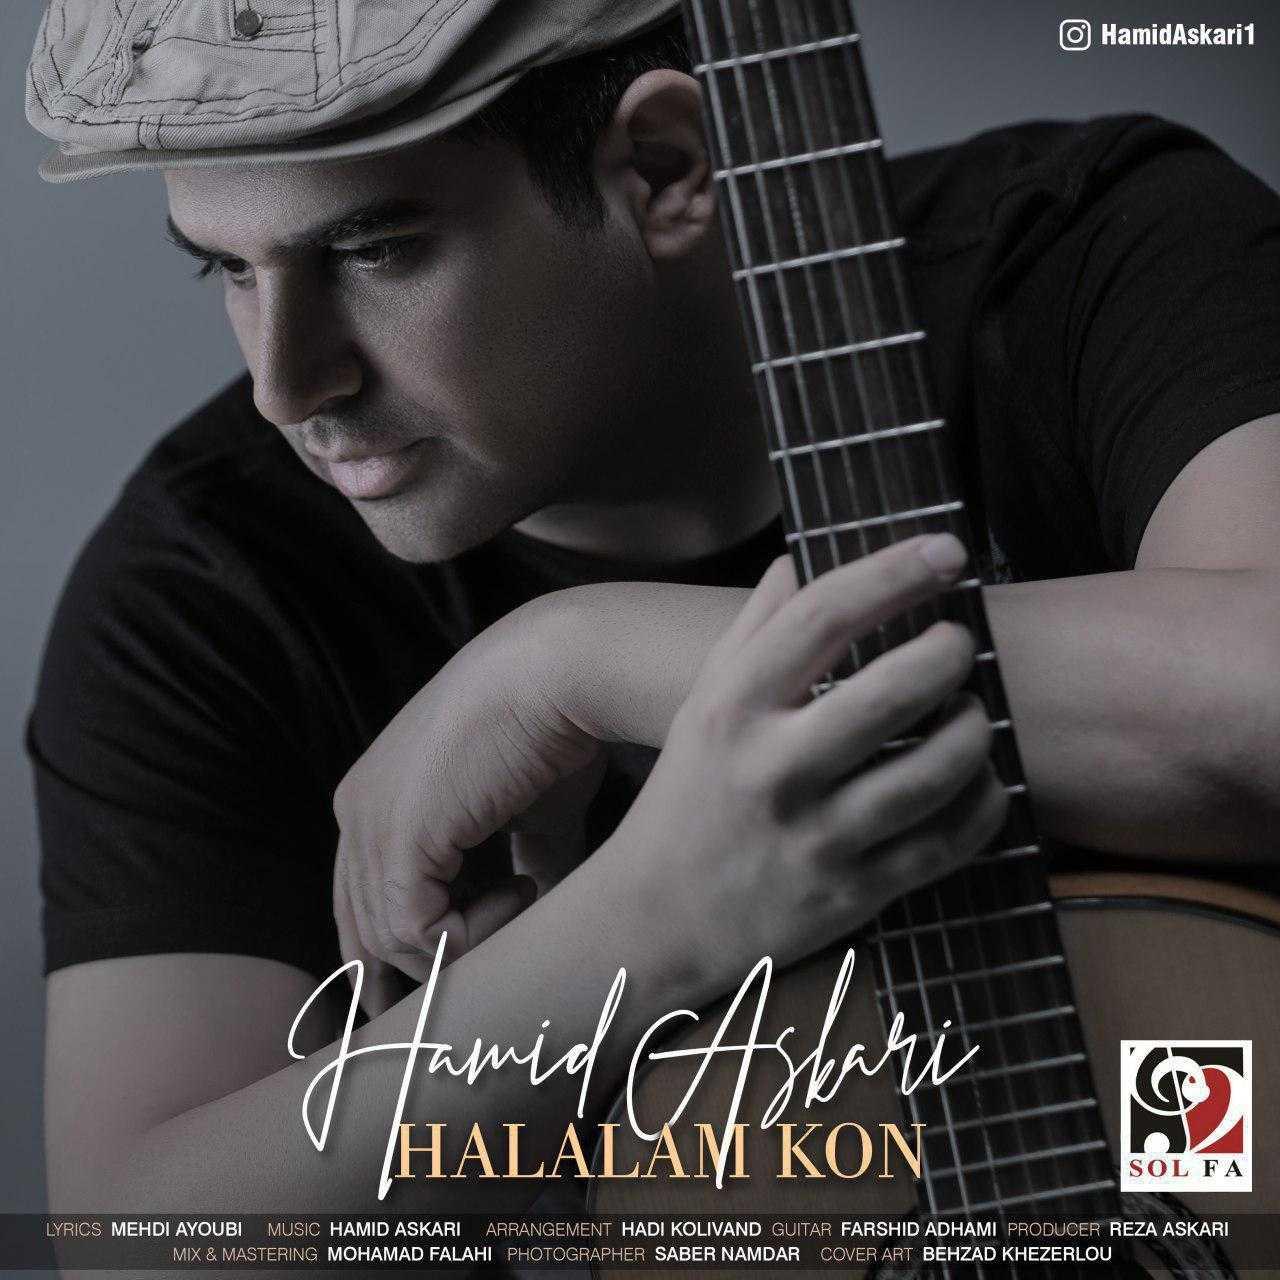 دانلود آهنگ جدیدحمید عسکری به نام حلالم کن